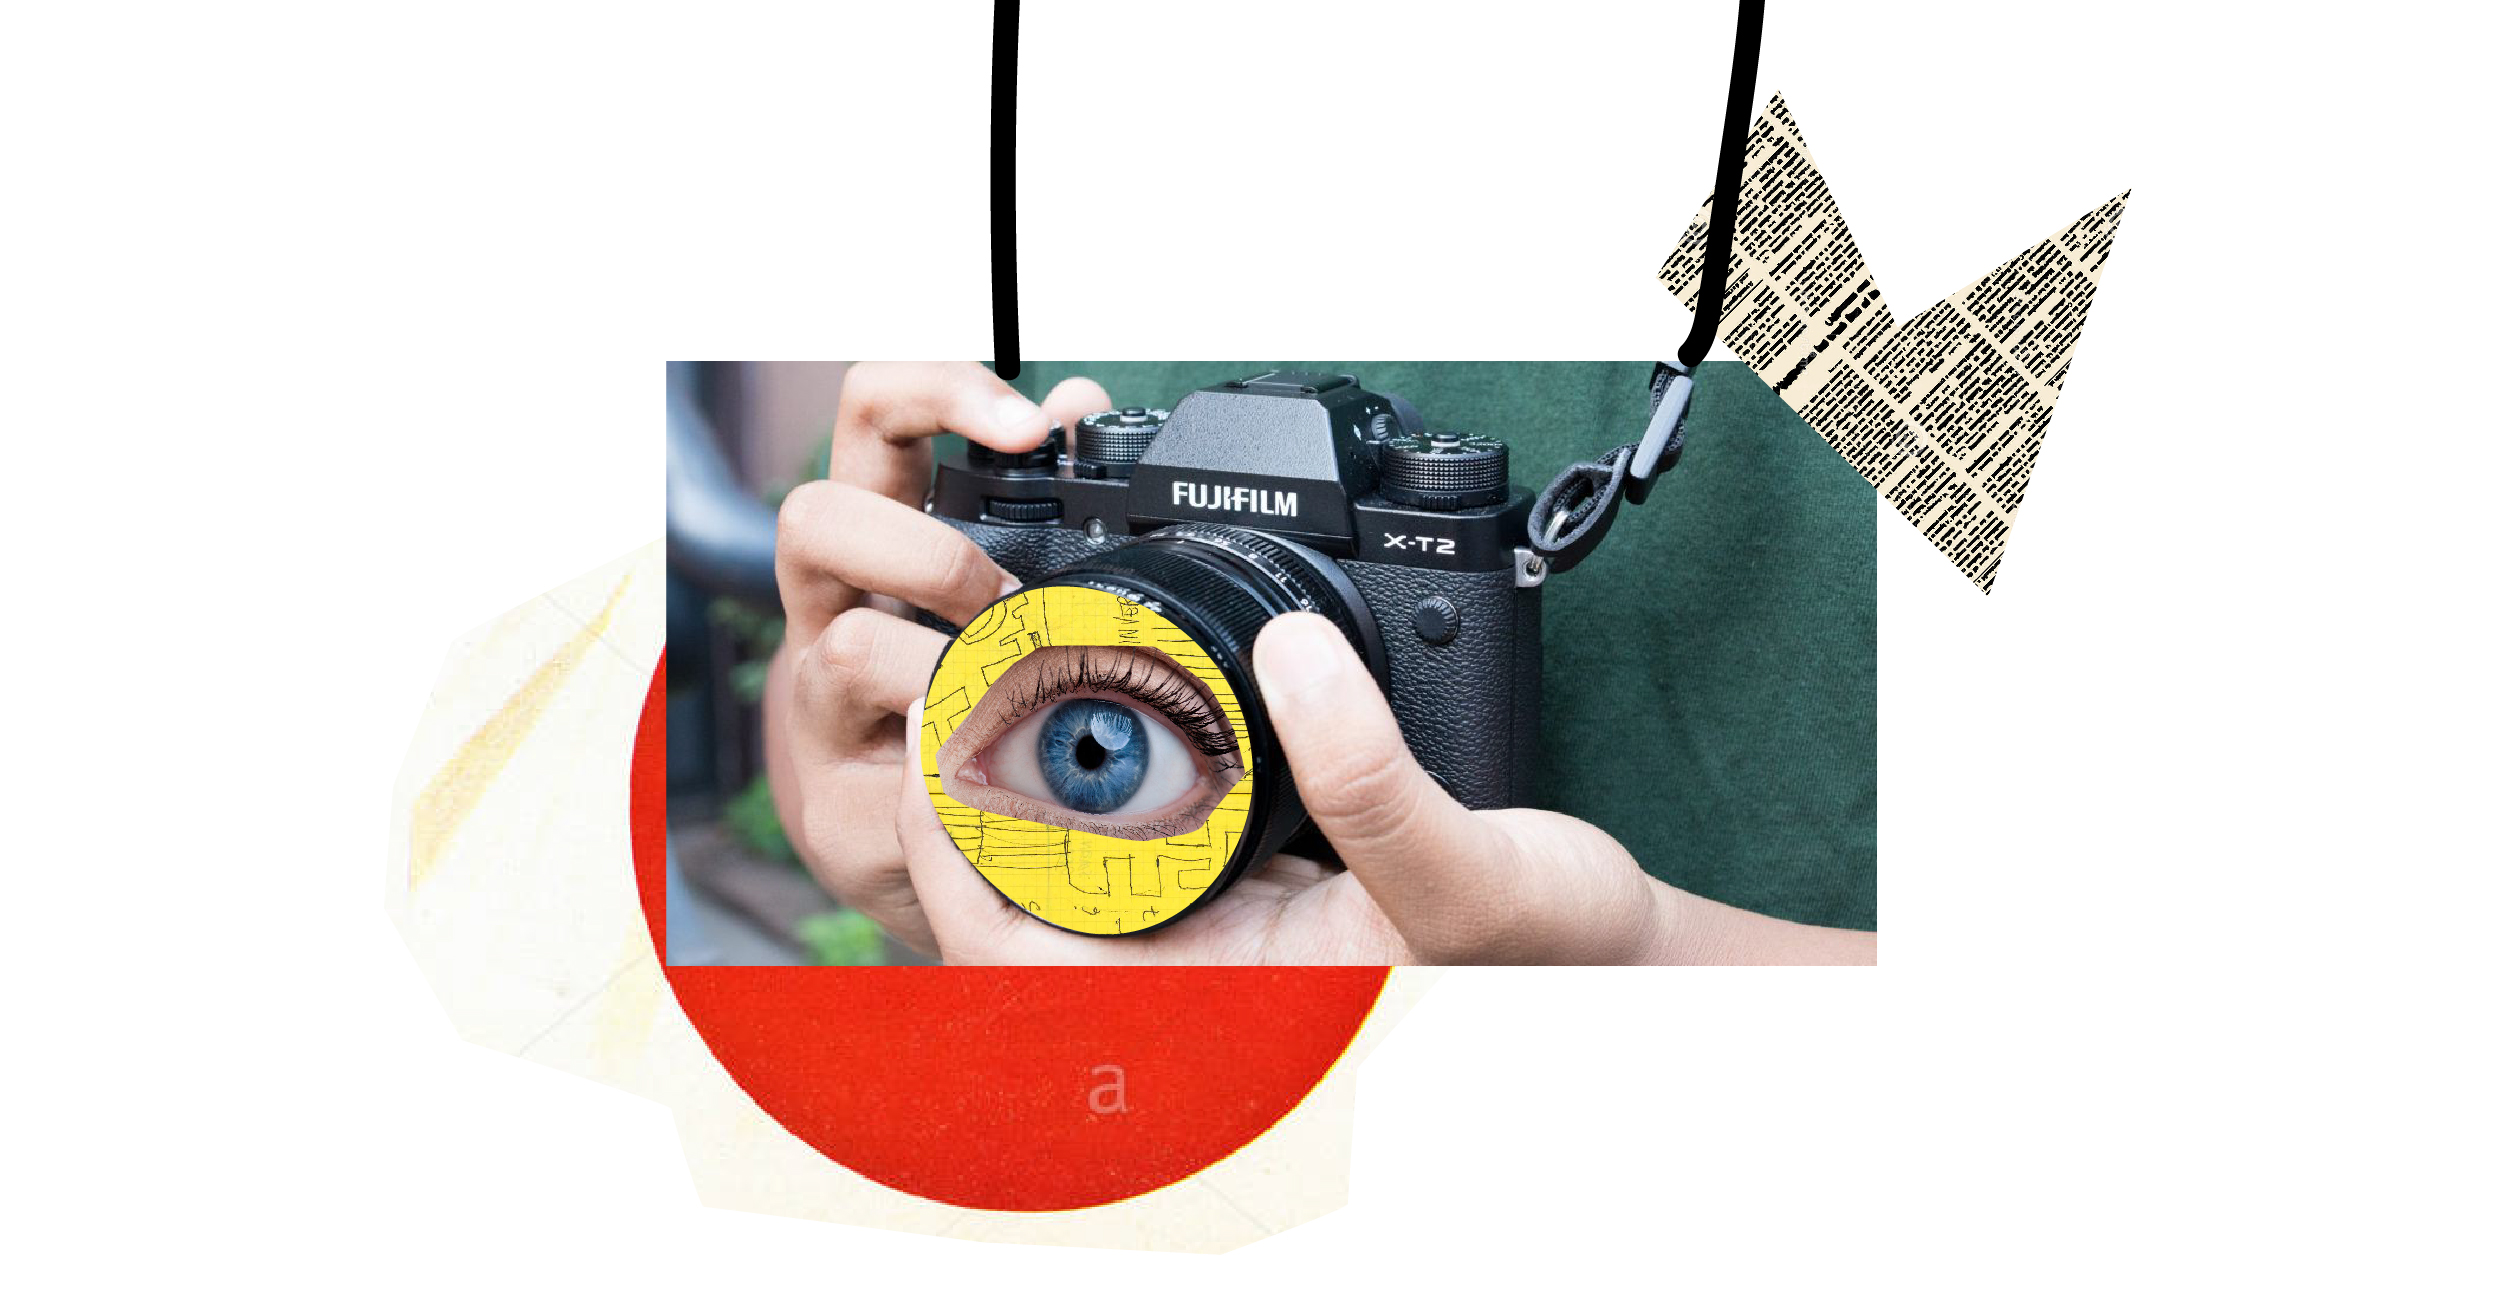 HAI MAI LITIGATO PER UNA MOSTRA DI FOTOGRAFIA?